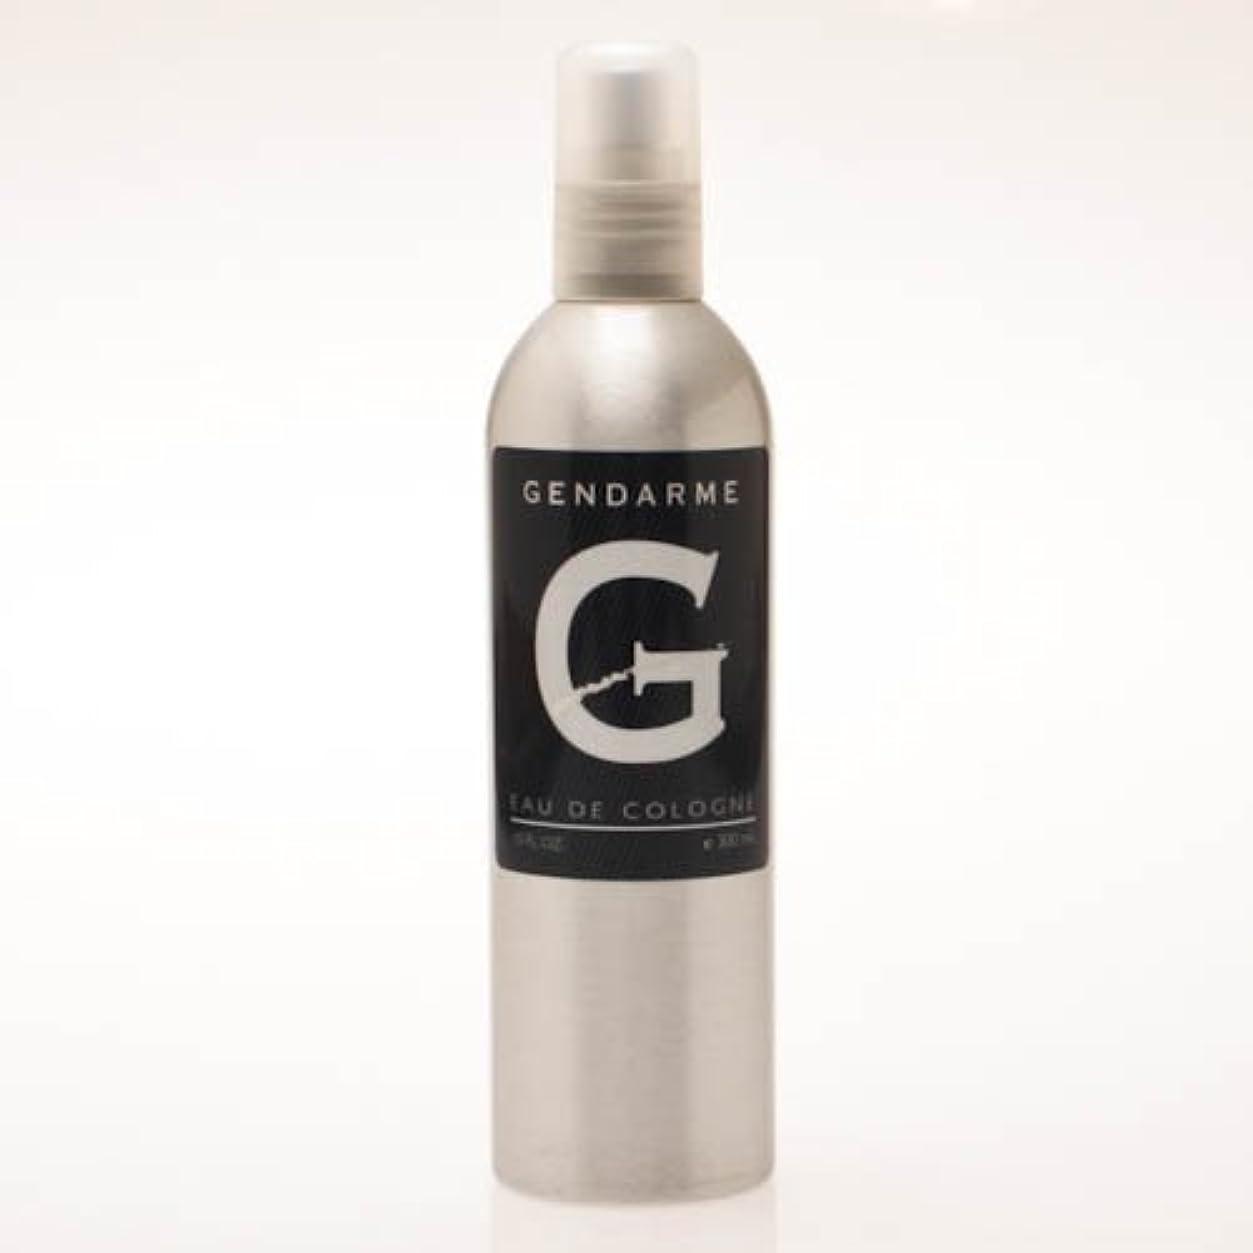 人気一般的に蒸し器Gendarme (ゲンダーム) 10.0 oz (300ml) Cologne Spray Recharge for Men